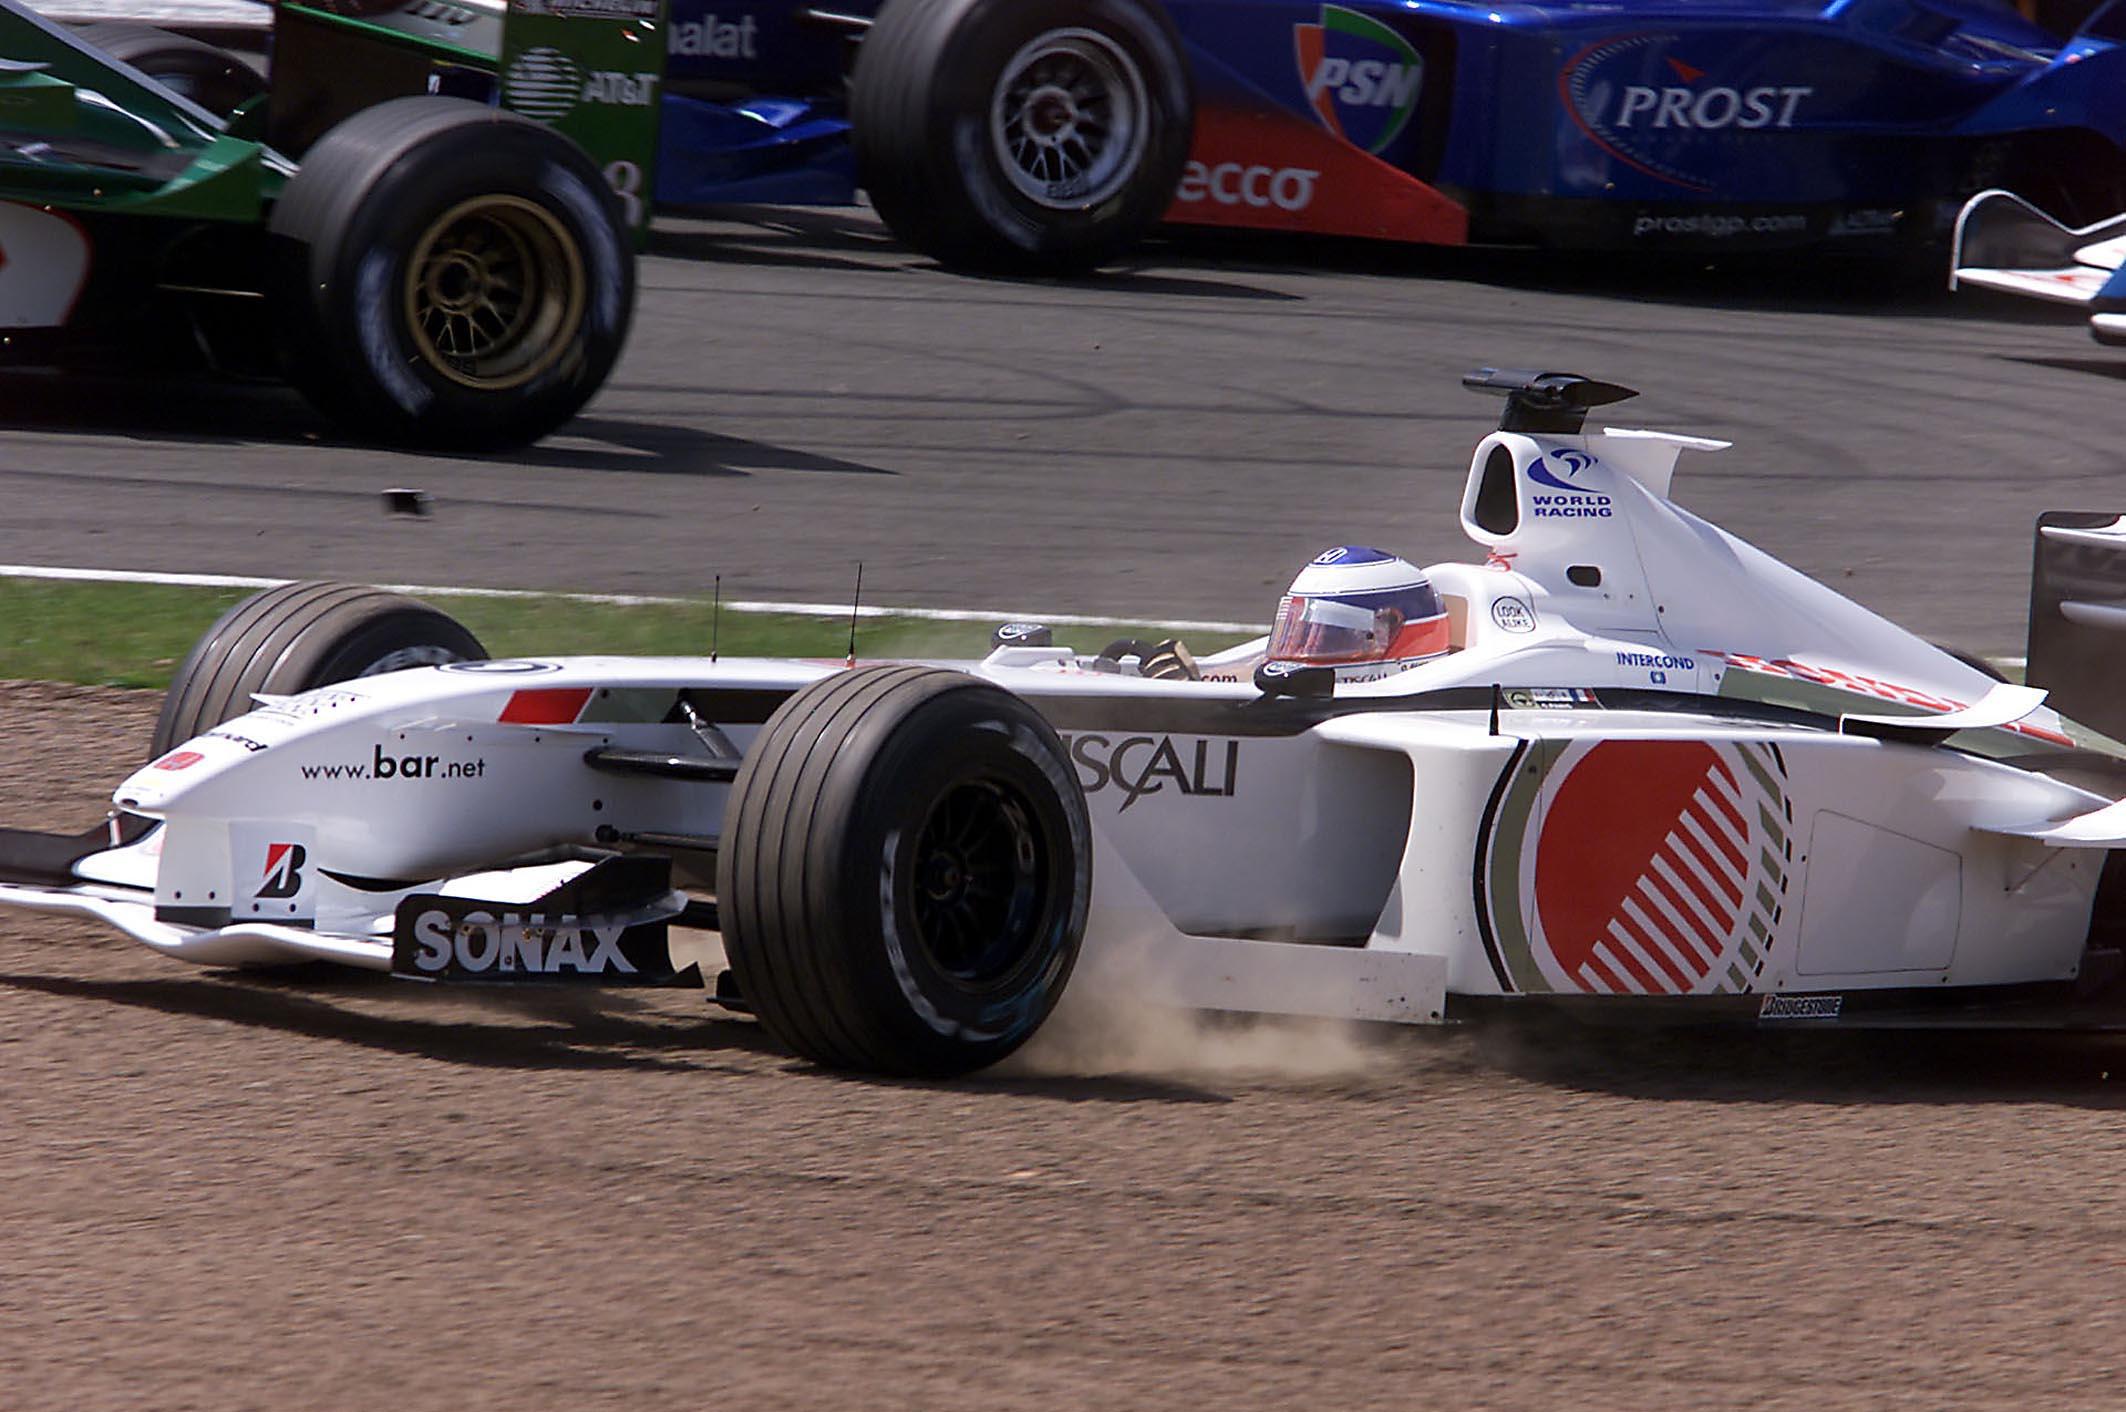 Formel 1 Grand Prix Von England